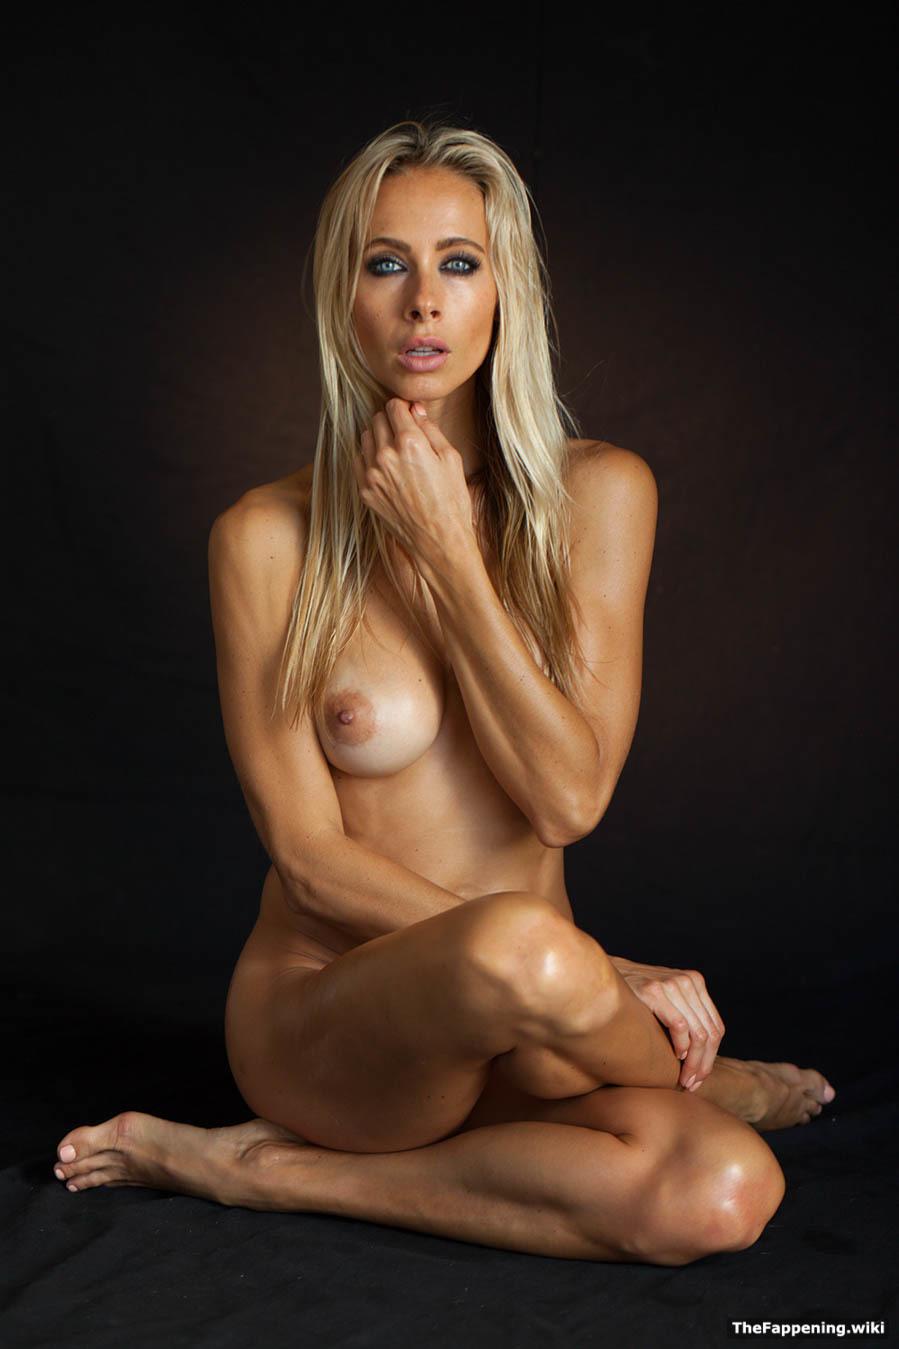 Grandma pics nude